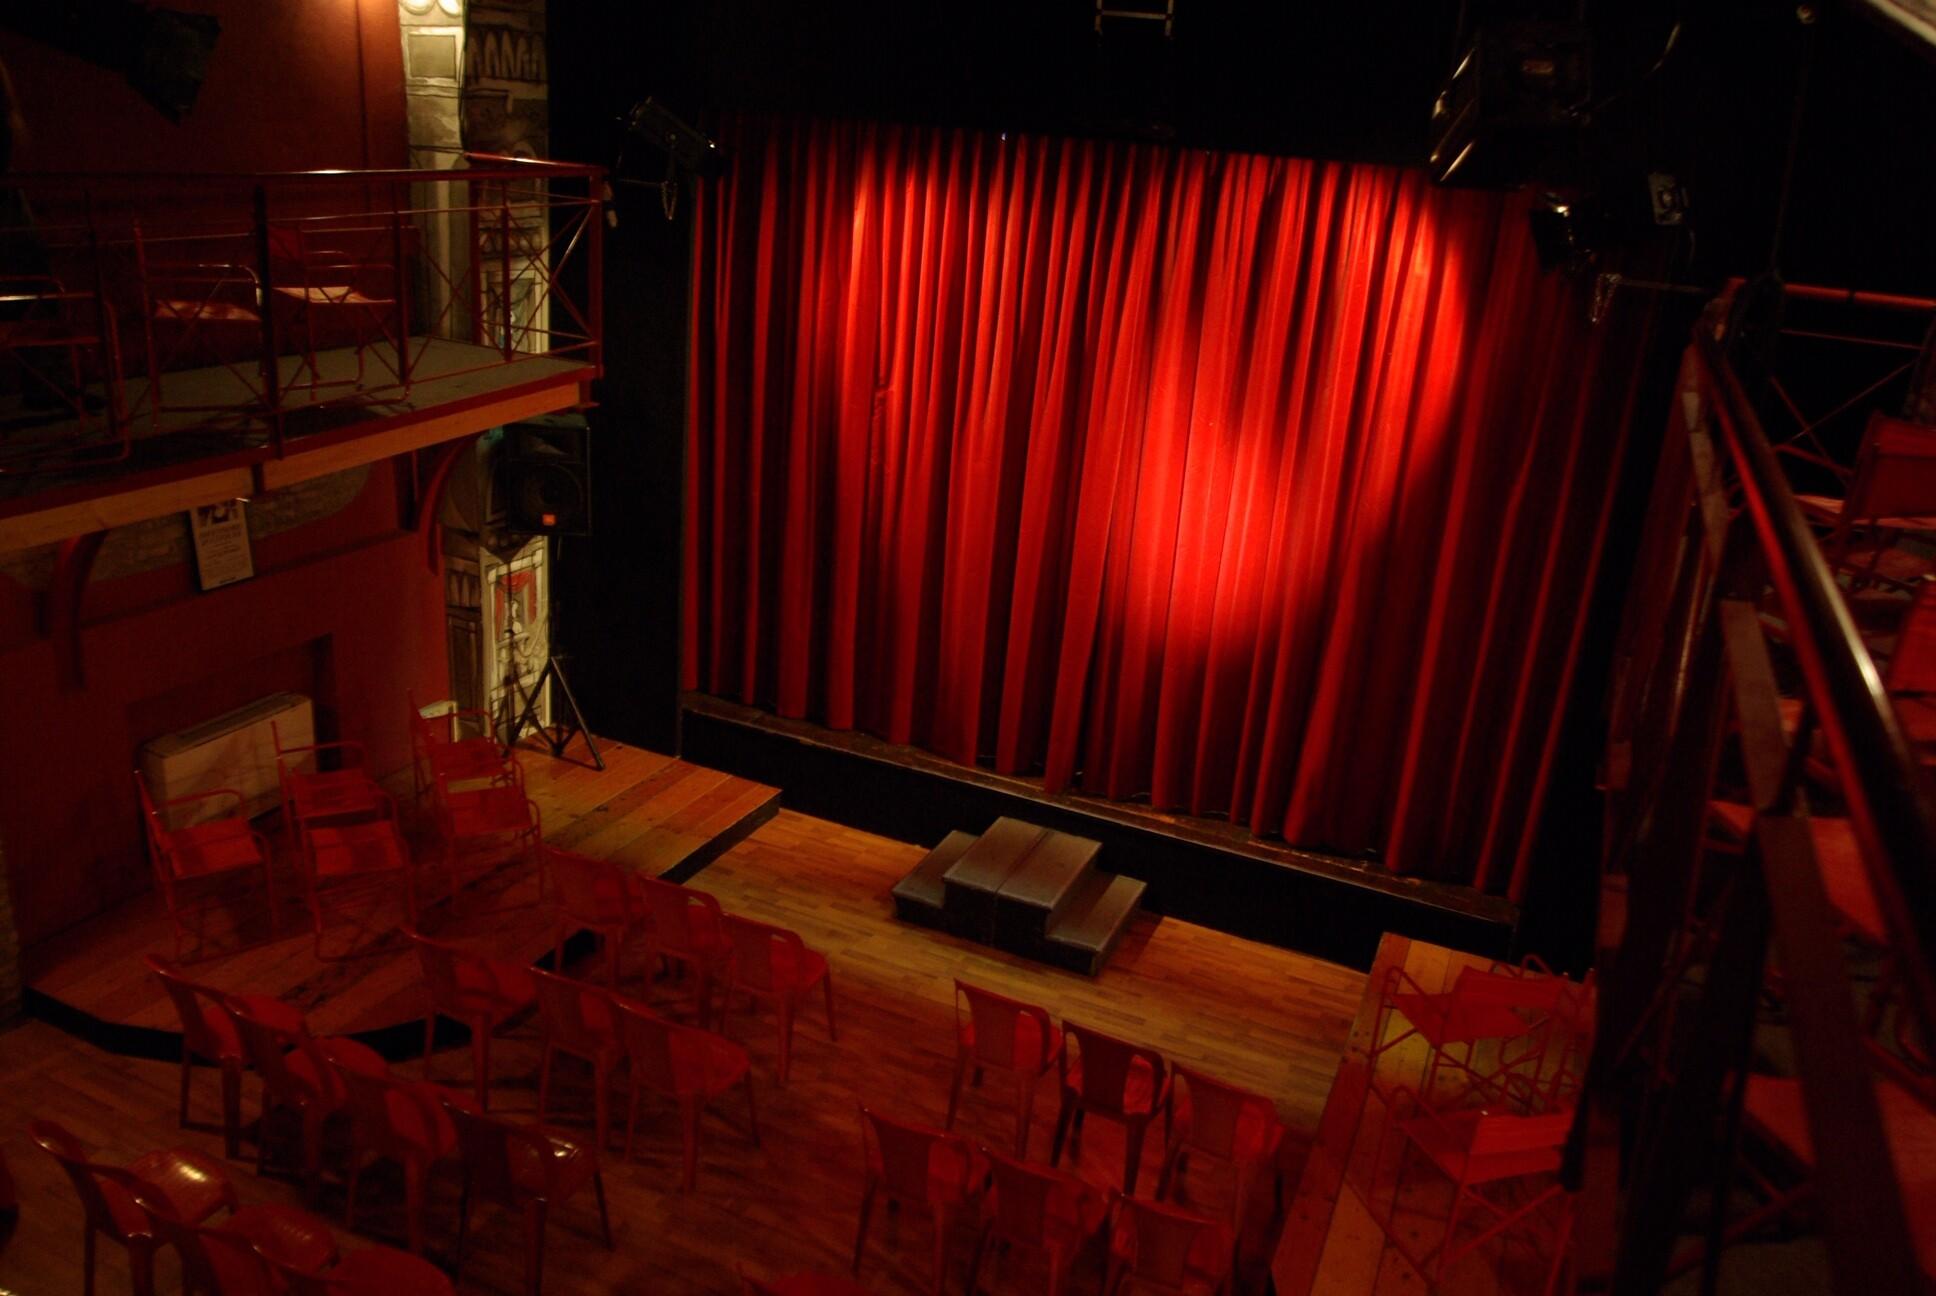 Teatro el tempo: Sospensione della Stagione 2020/2021